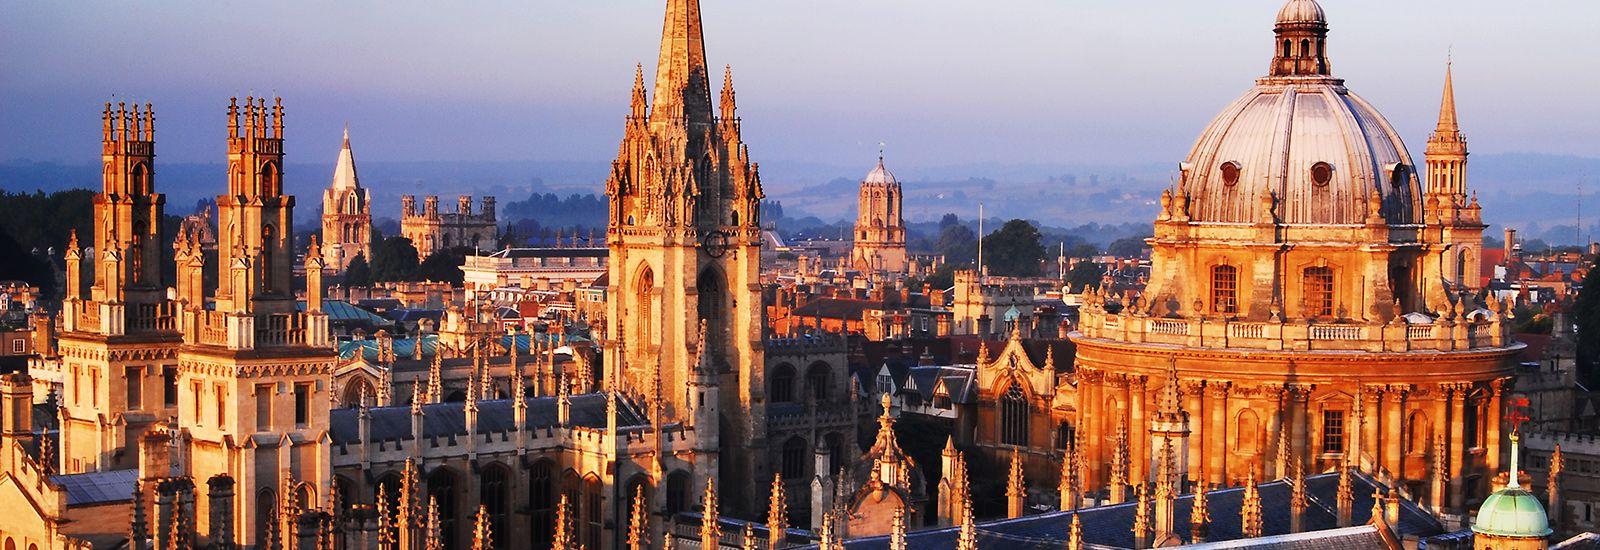 danh sách đại học tốt nhất thể giới 2016 2017